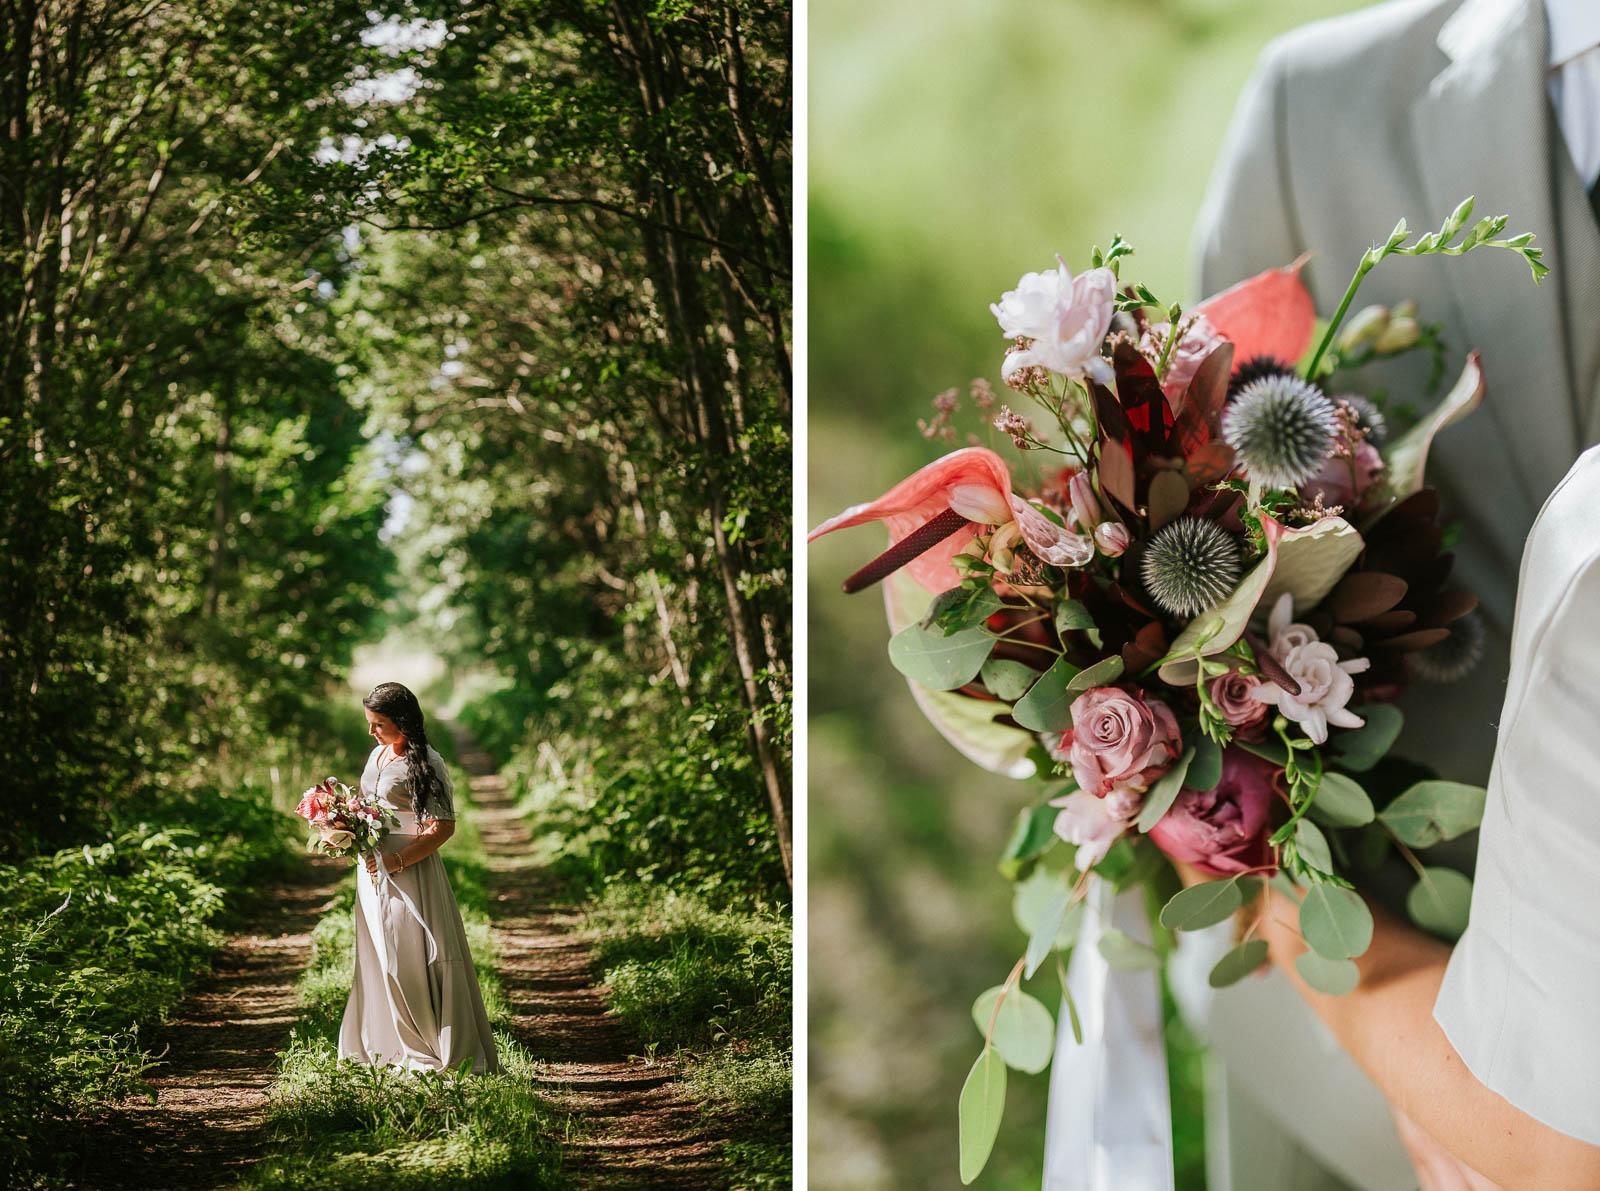 mari-liis-rannes-wedding-pulm-pulmafotograaf-mait-juriado-09